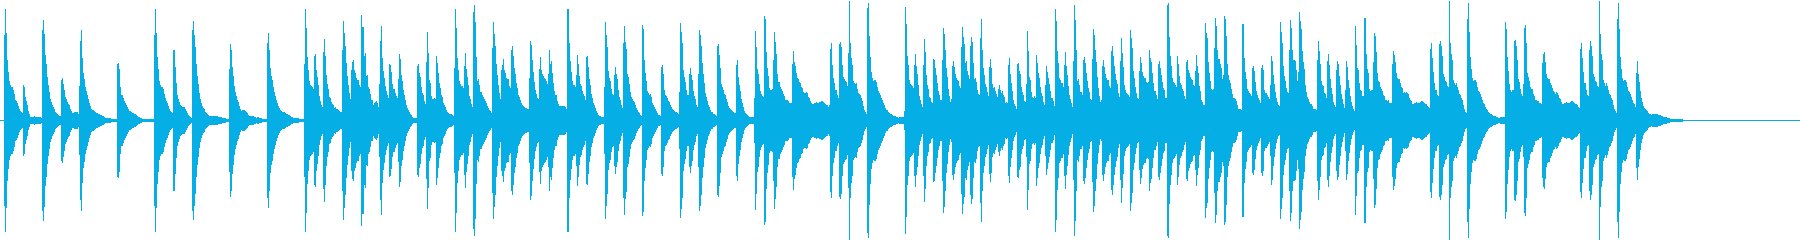 ハープの音で作ったリラックス出来そうな曲の再生済みの波形